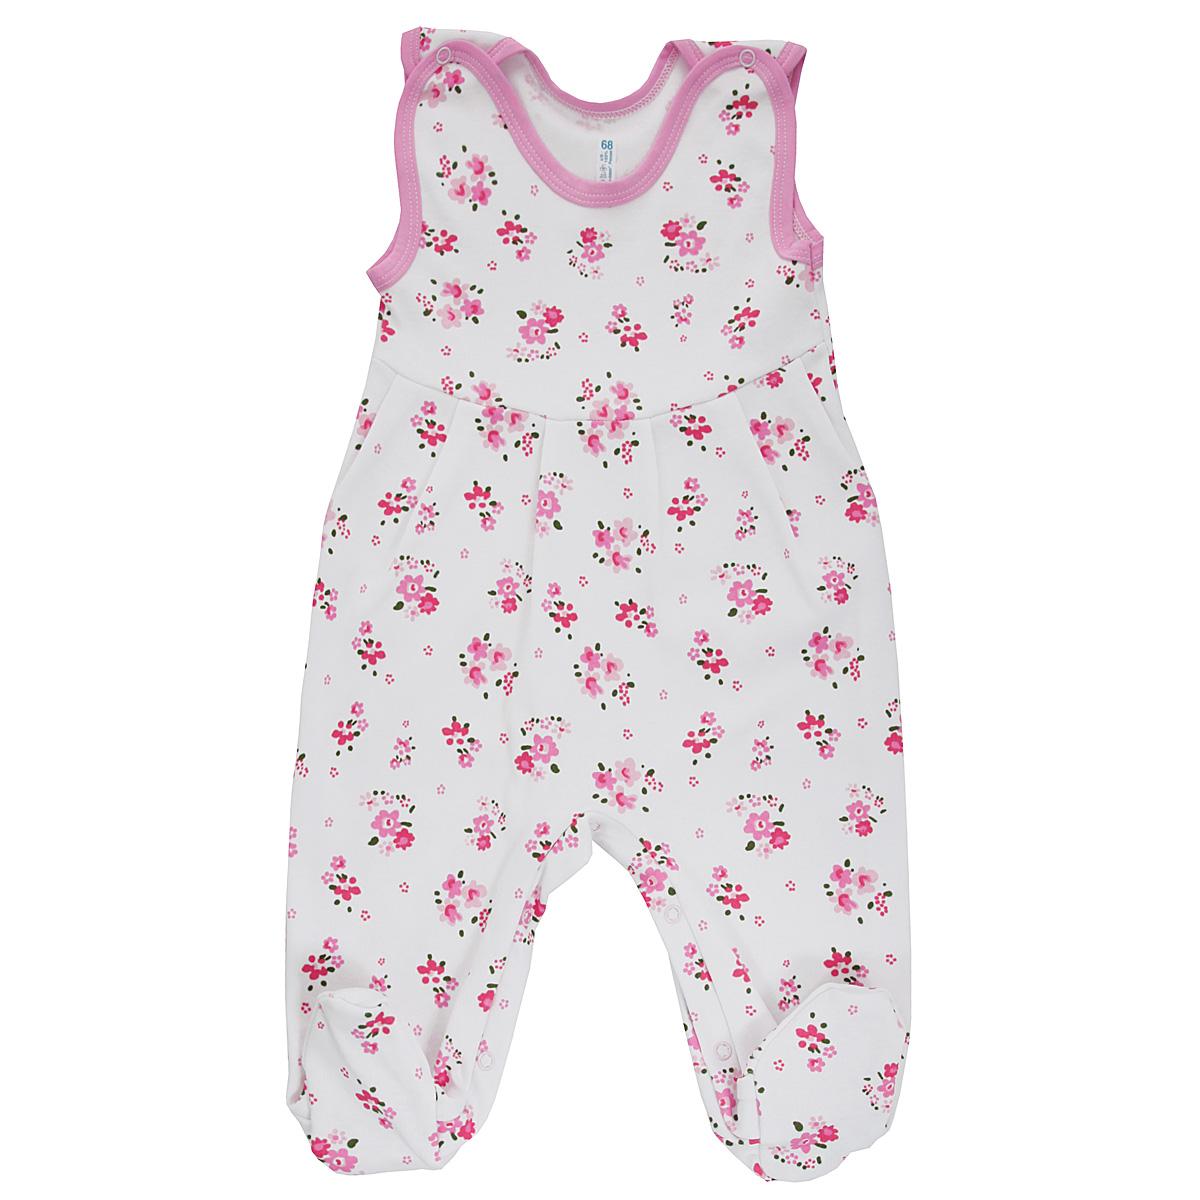 Ползунки5247_цветыПолзунки с грудкой для девочки Трон-плюс - очень удобный и практичный вид одежды для малышей. Ползунки выполнены из интерлока - натурального хлопка, благодаря чему они необычайно мягкие и приятные на ощупь, не раздражают нежную кожу ребенка и хорошо вентилируются, а эластичные швы приятны телу малышки и не препятствуют ее движениям. Ползунки с закрытыми ножками, оформленные набивным цветочным принтом, имеют застежки-кнопки на плечах и на ластовице, которые помогают легко переодеть ребенка или сменить подгузник. Ползунки с грудкой подходят для ношения с подгузником и без него, они полностью соответствуют особенностям жизни младенца в ранний период, не стесняя и не ограничивая его в движениях!